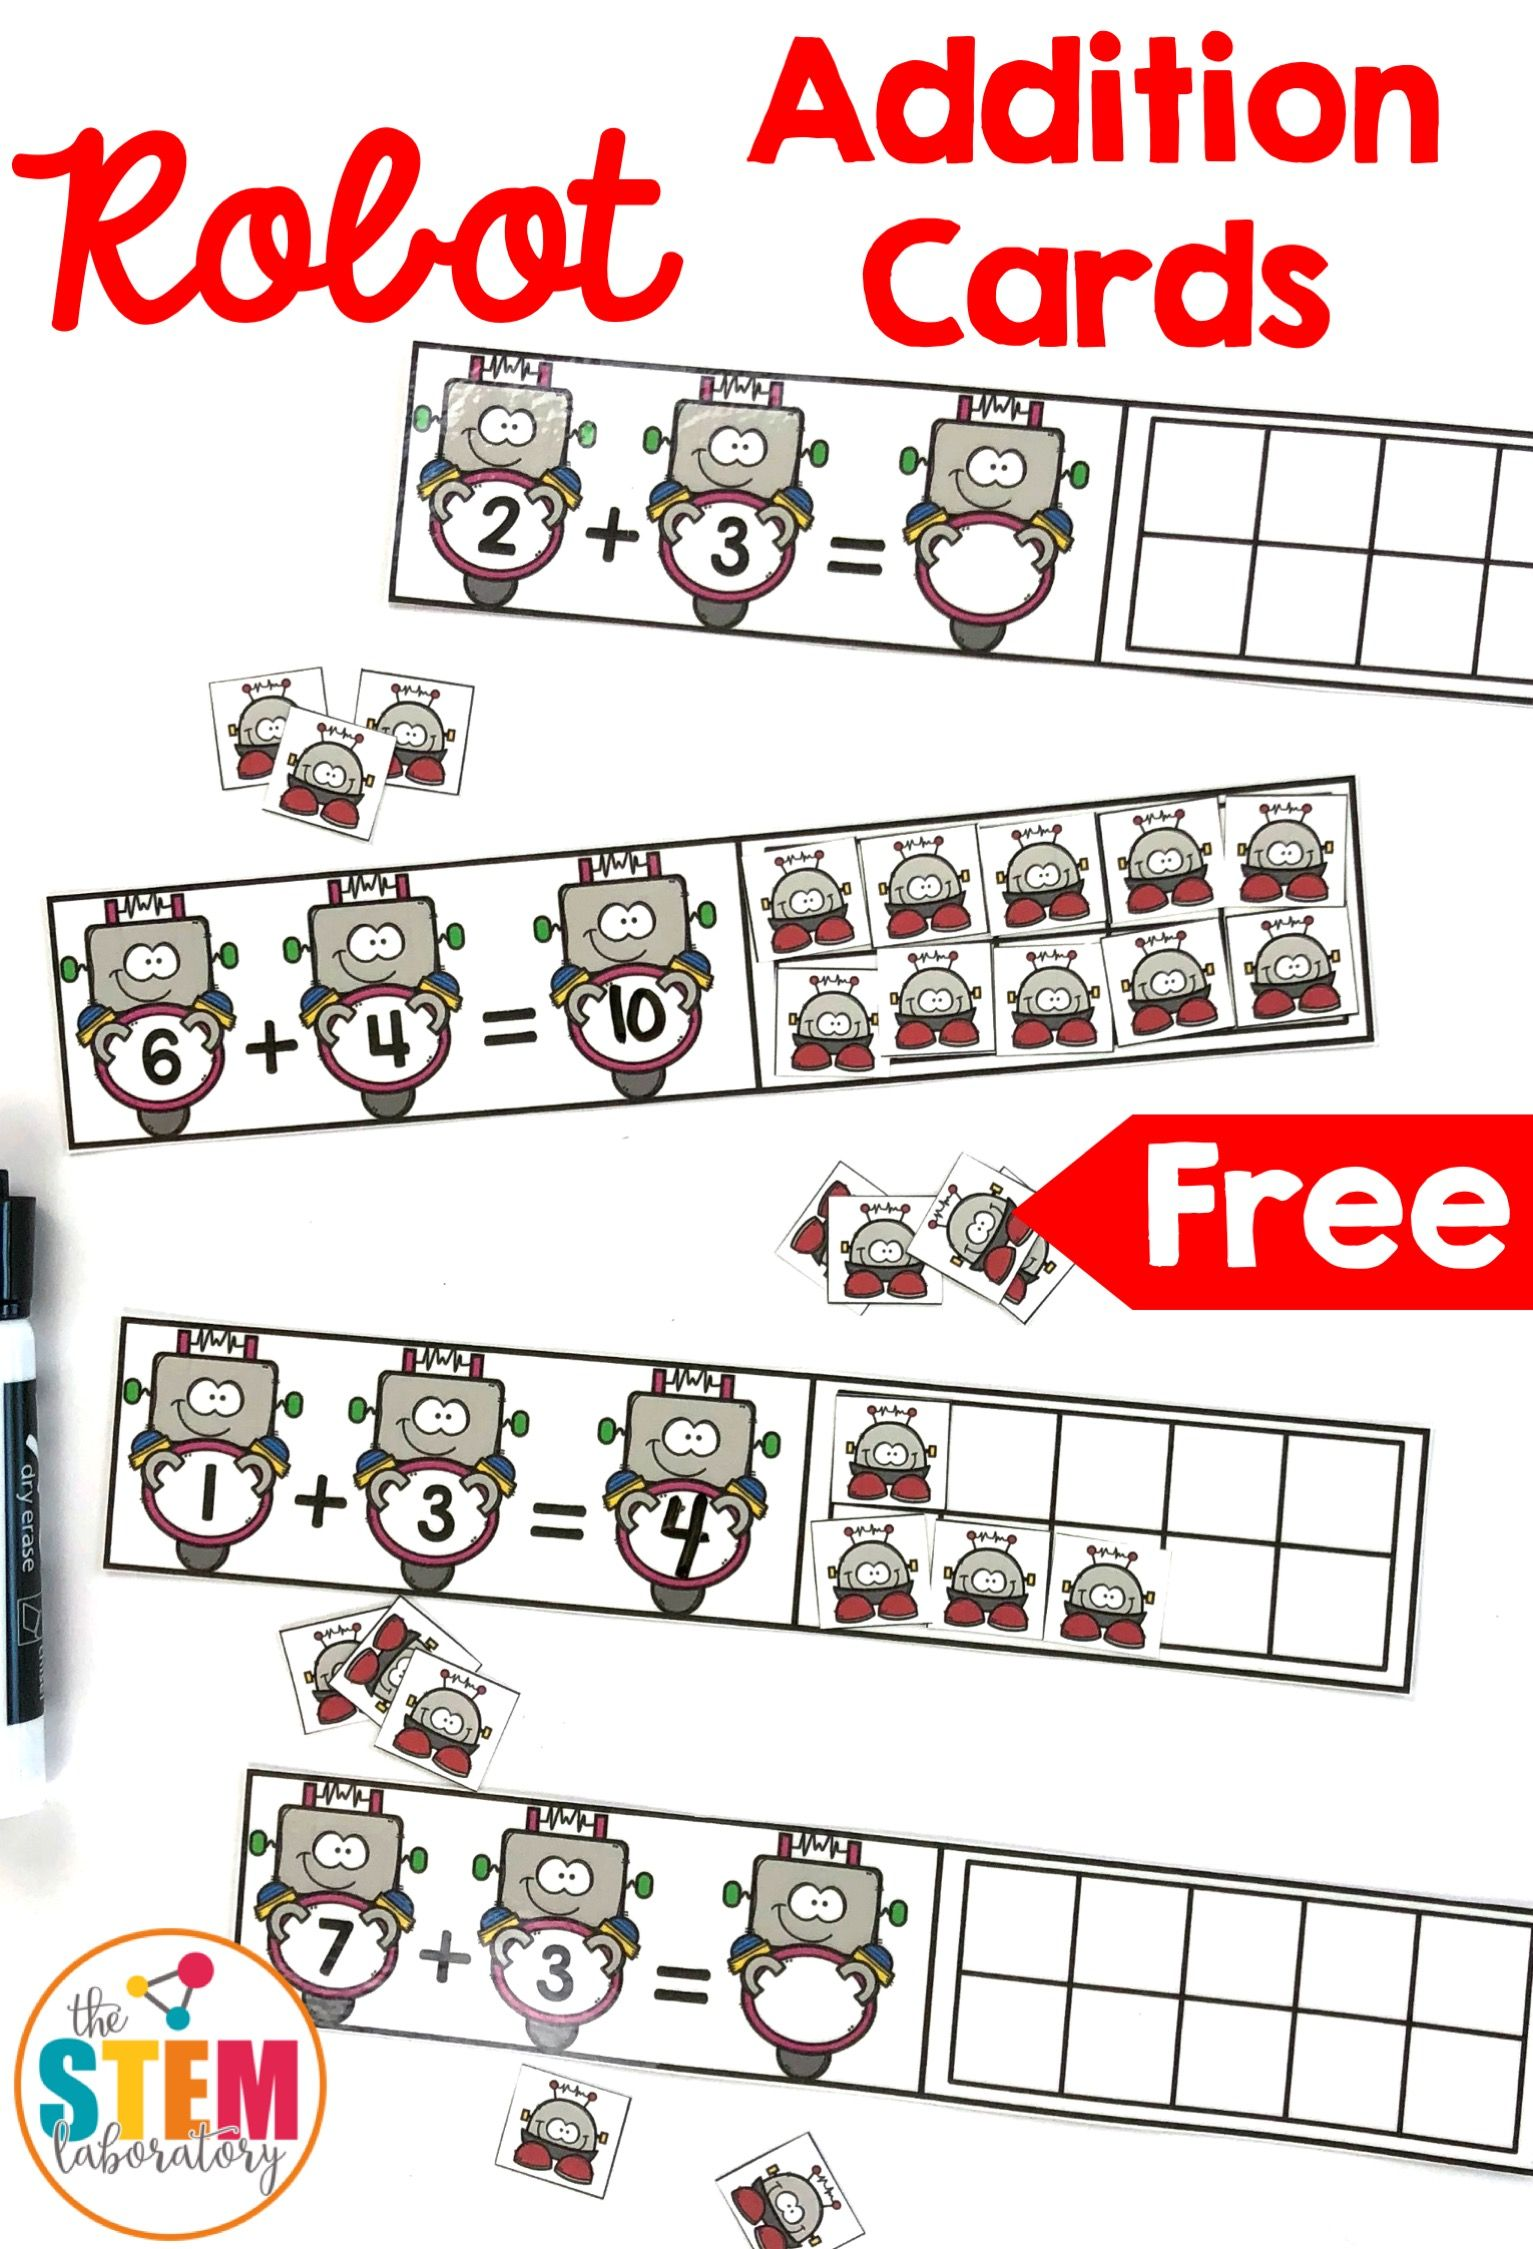 Robot Addition Cards | Kind